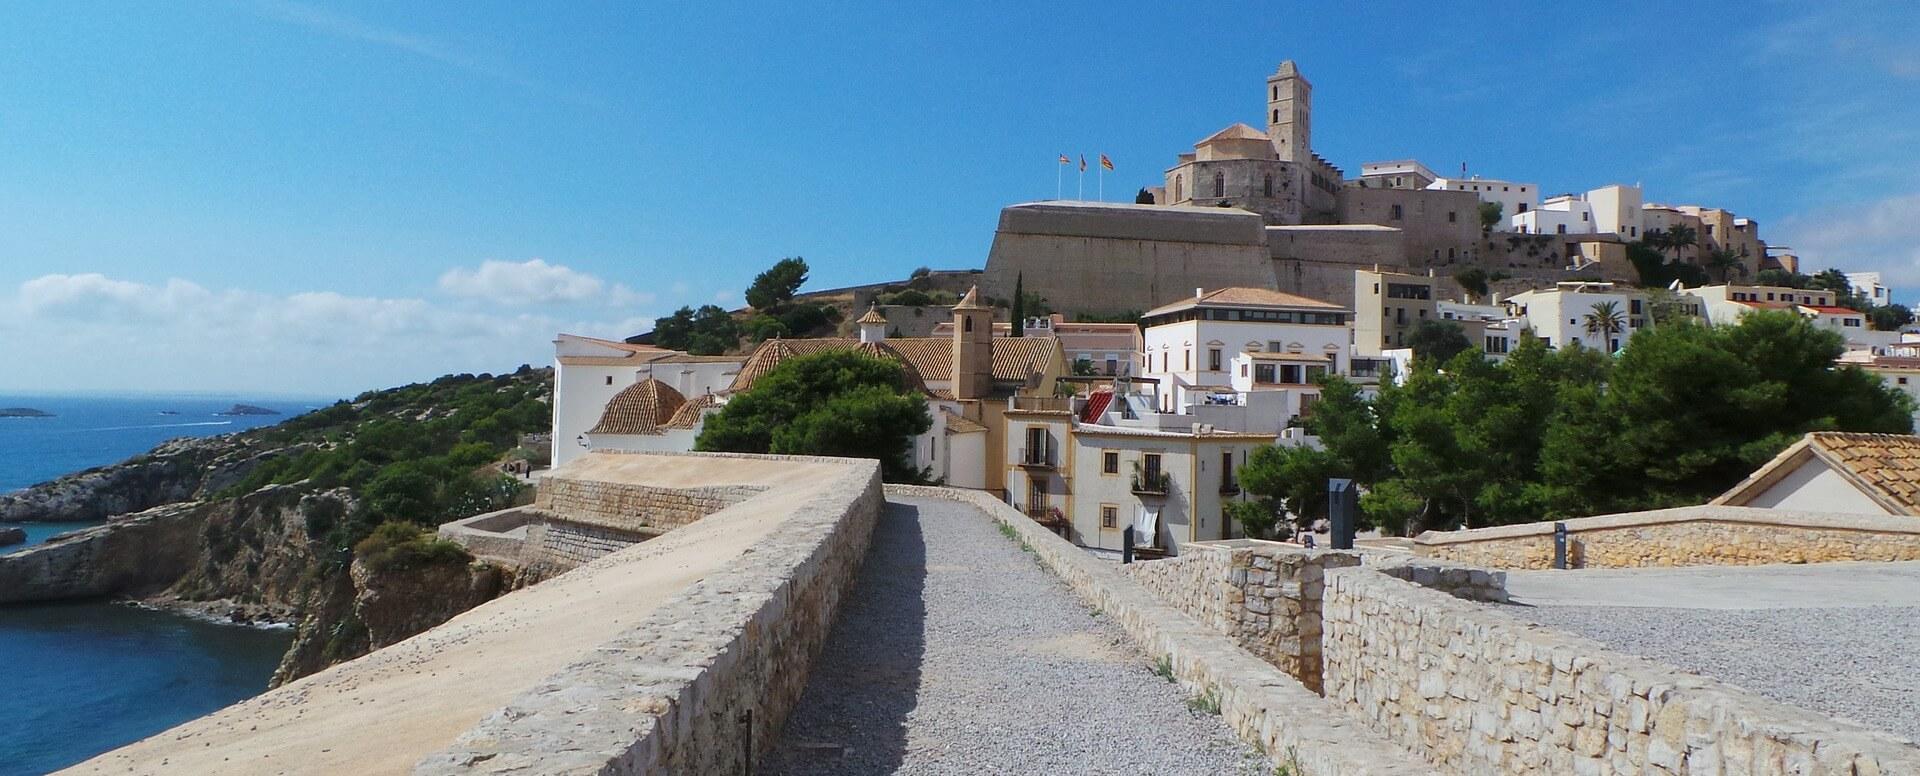 4 - Visit the castle of Almudaina - Ibiza